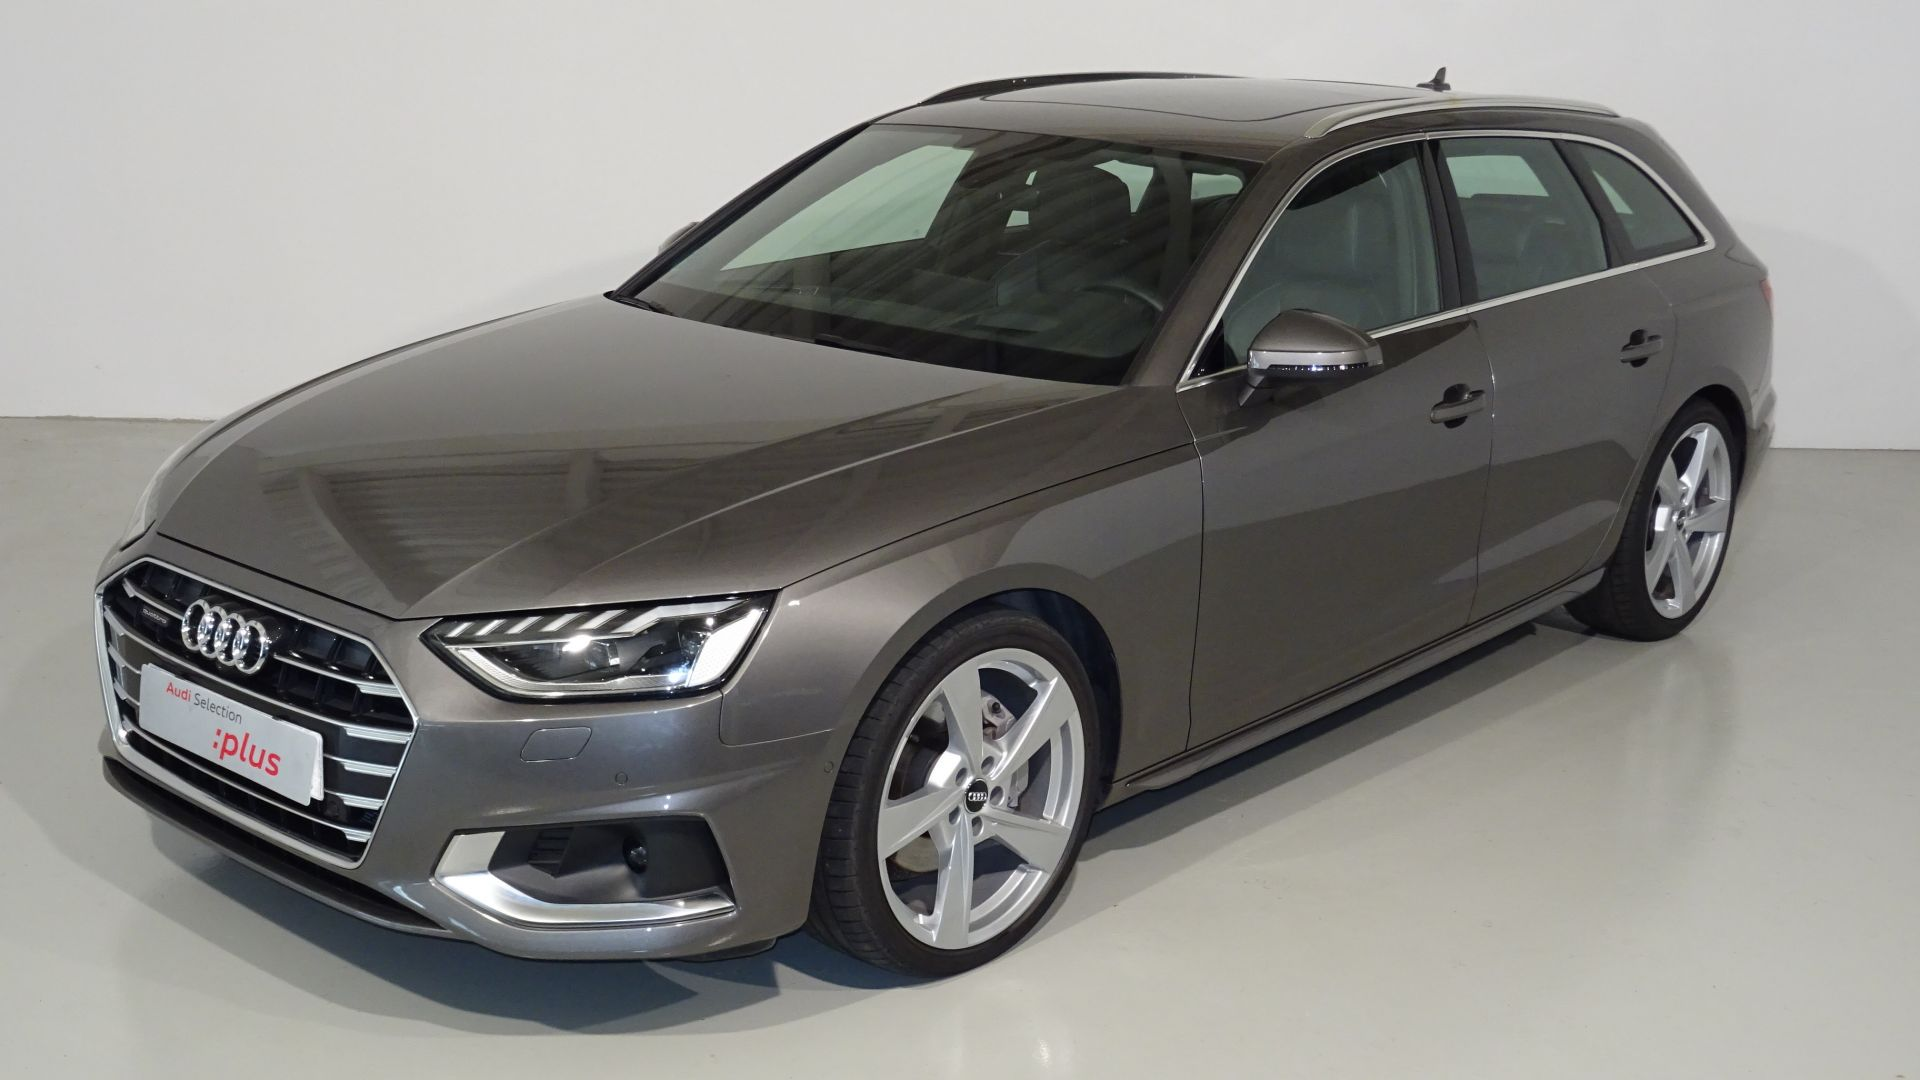 Audi A4 Advanced 40 TDI 140kW quattro S tronic